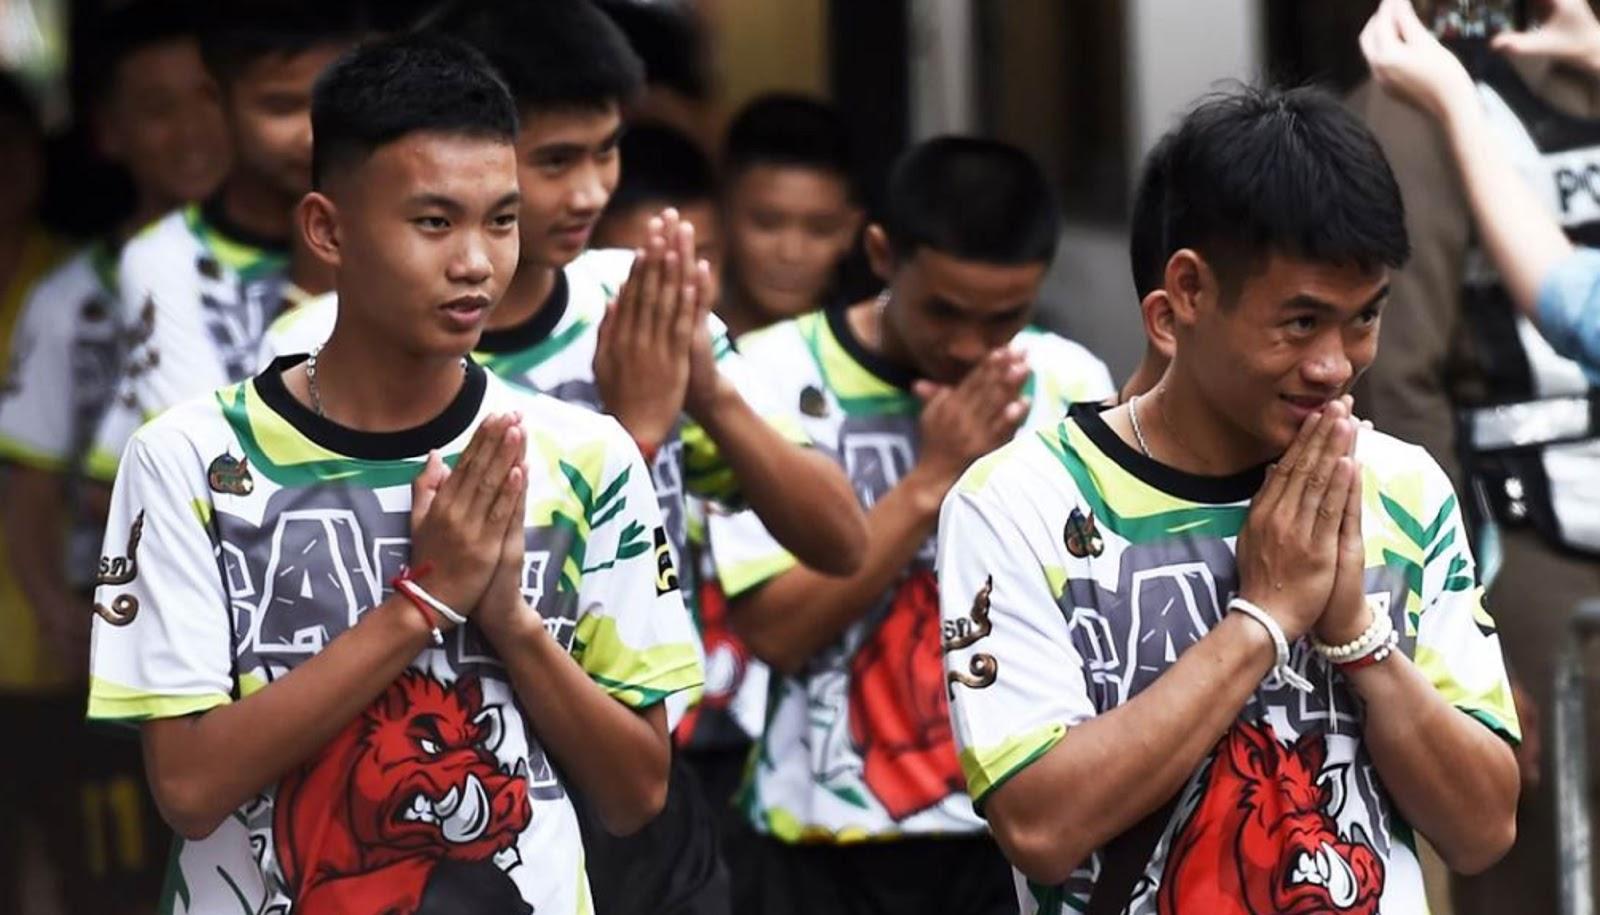 THAI CAVE RESCUE 4